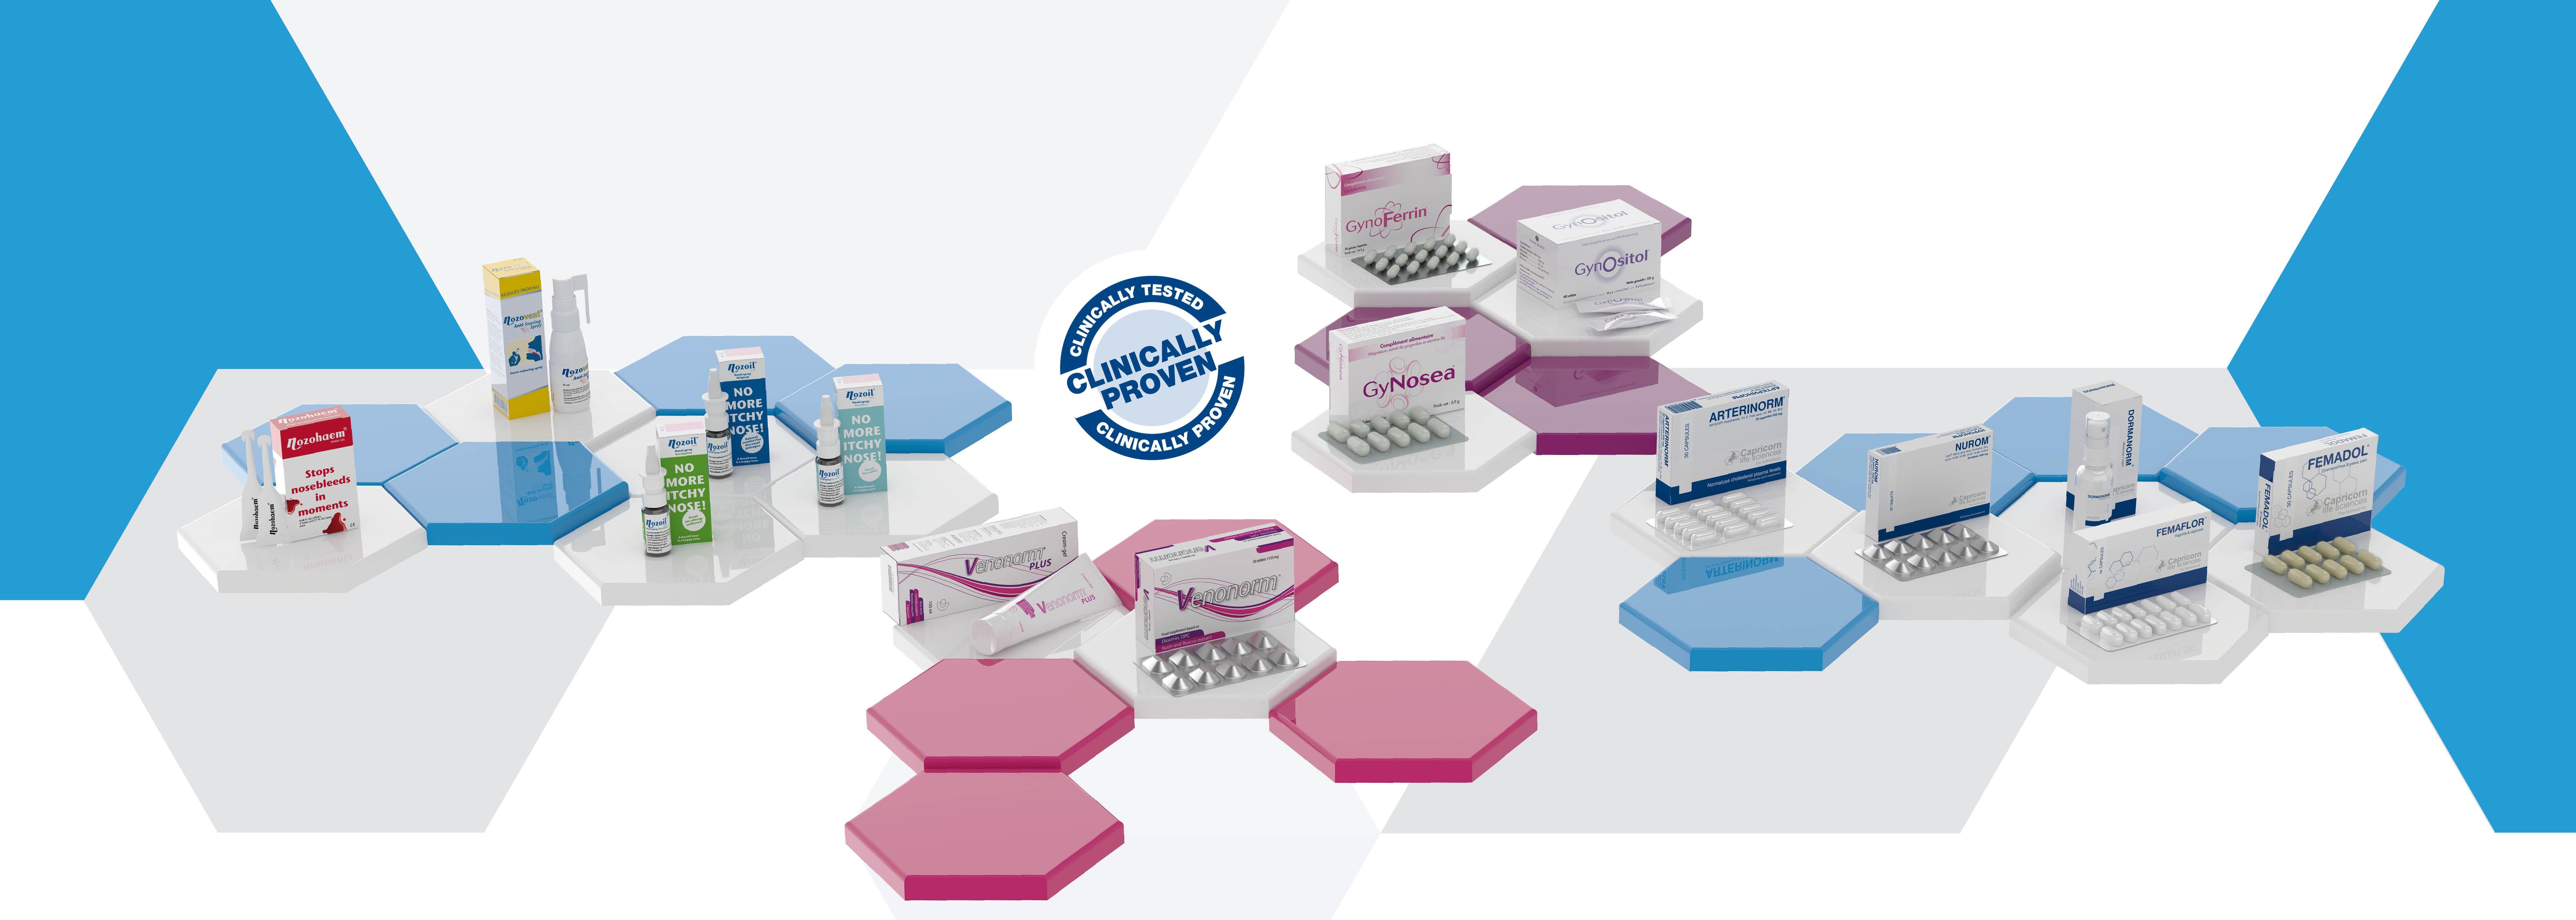 JOVIMAX capsules